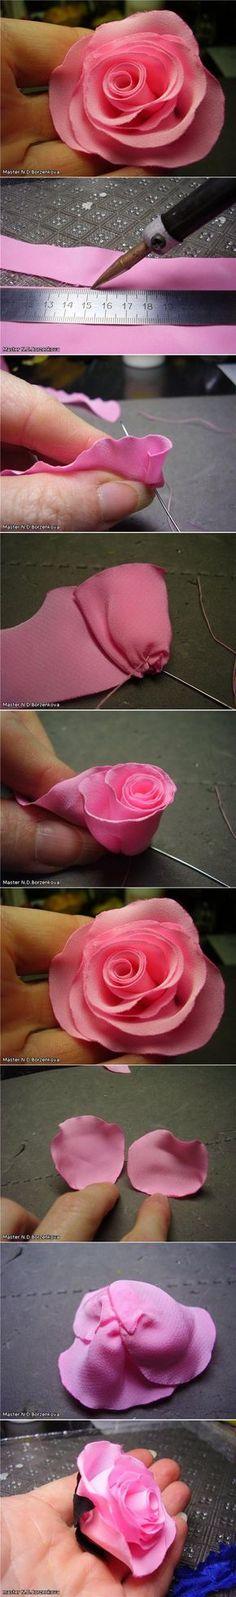 DIY-de-rosa pequeno Tecido Rose